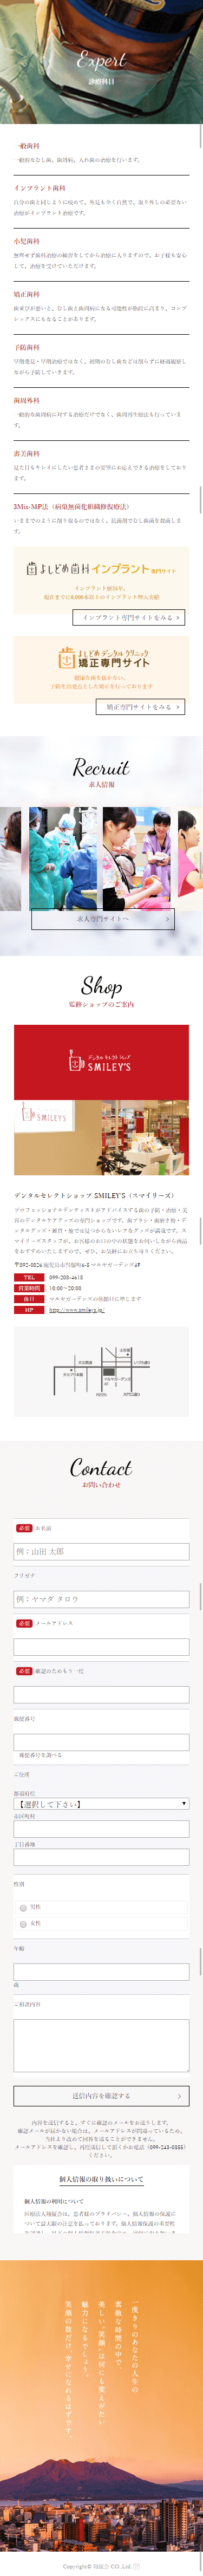 鹿児島県 医療法人翔優会様 ホームページ制作4